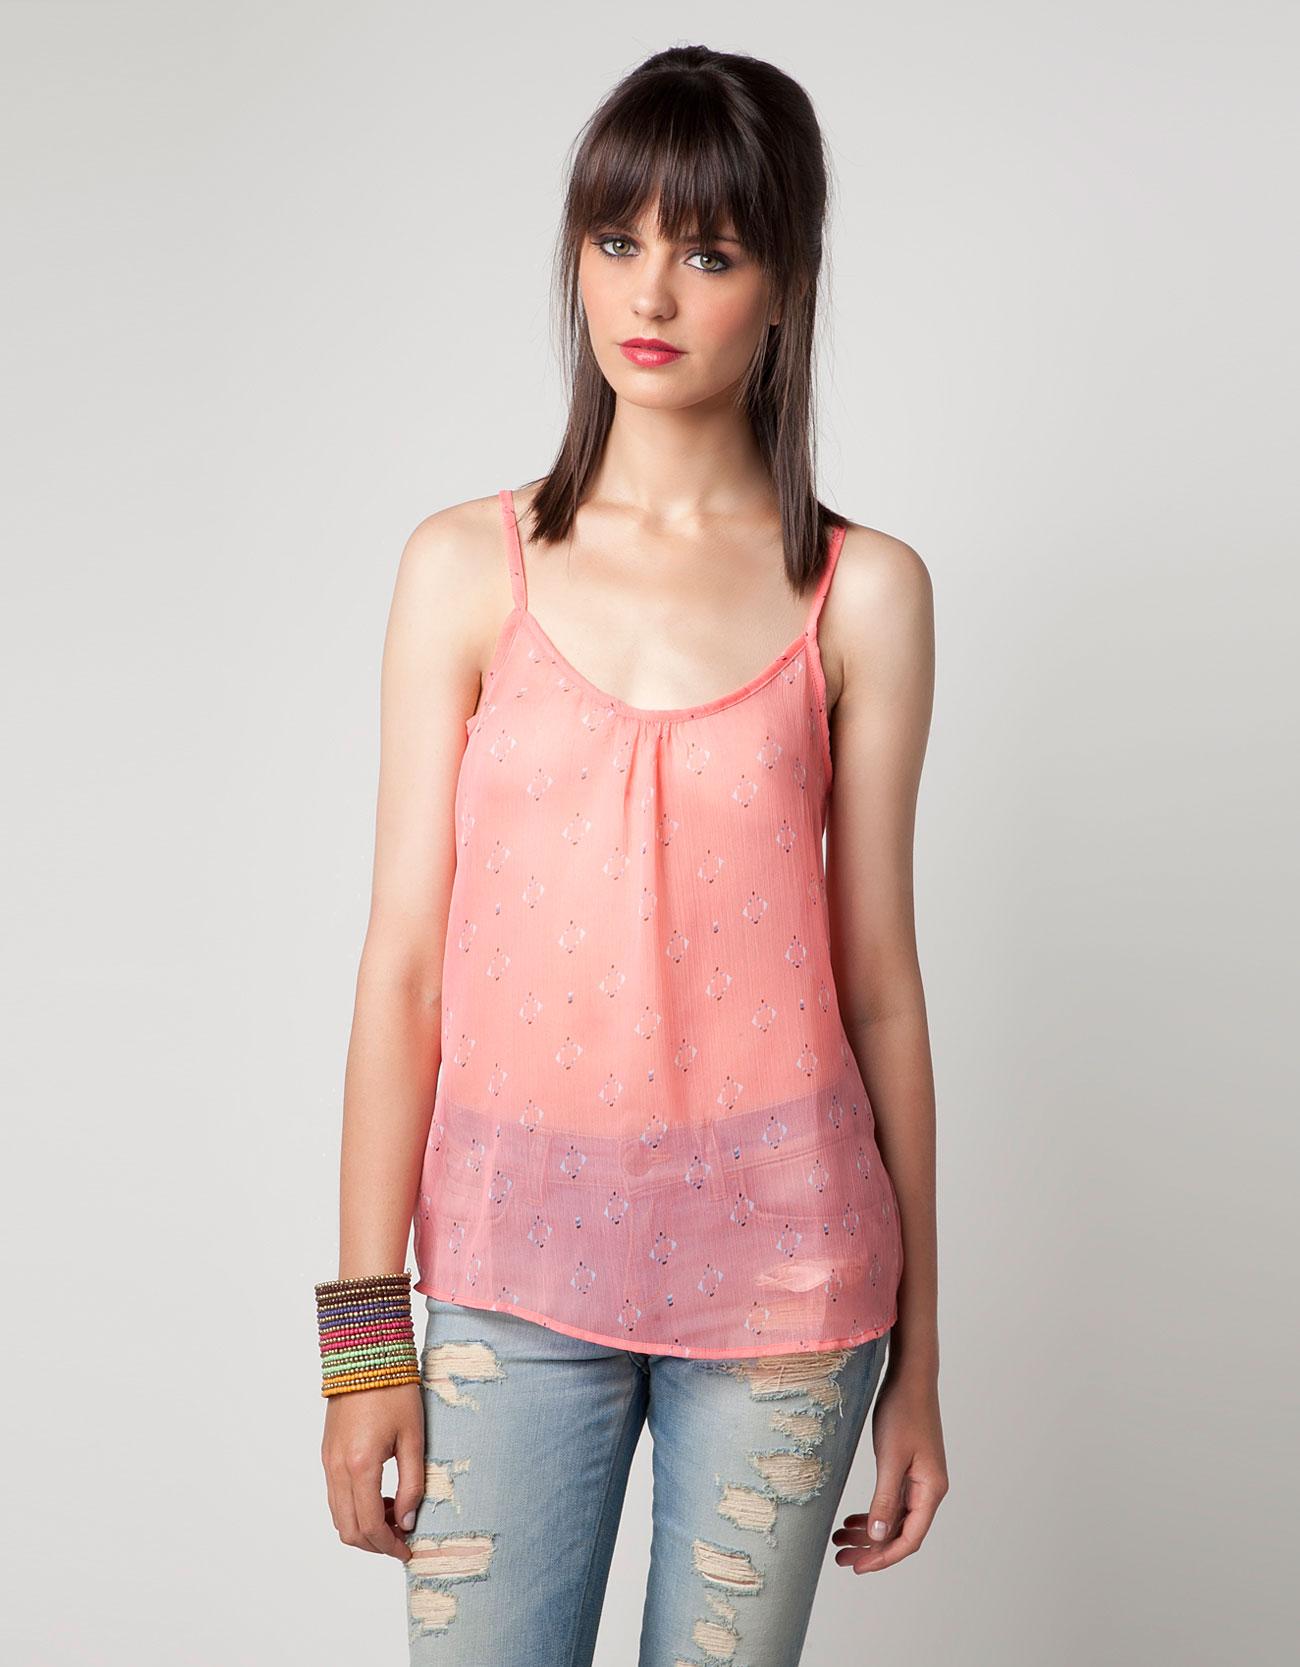 Moda mujer juvenil camisas Modelos de locales de ropa